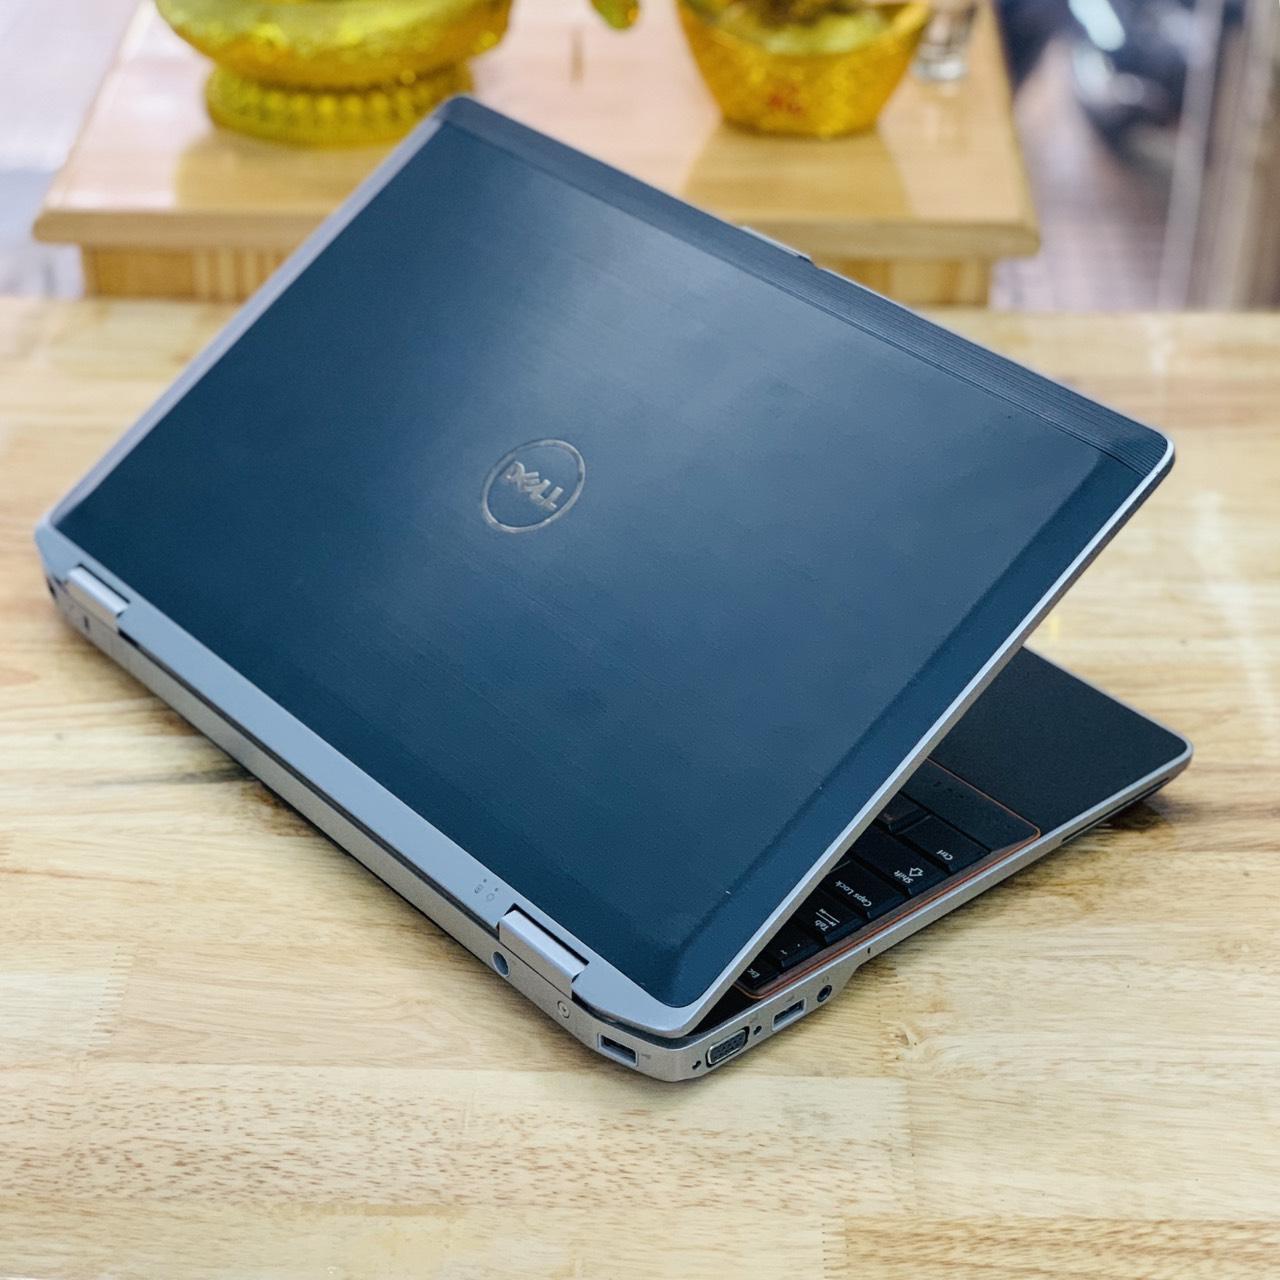 Dell Latitude E6520 Xách Tay USA Thế Hệ 2 Được Trang Bị Card Rời 2GB Và Sử Dụng Chíp CPU M Cho Hiệu Năng Mạnh Mẽ Đáp Ứng Nhu Cầu Đồ Họa Chơi Game Siêu Bền